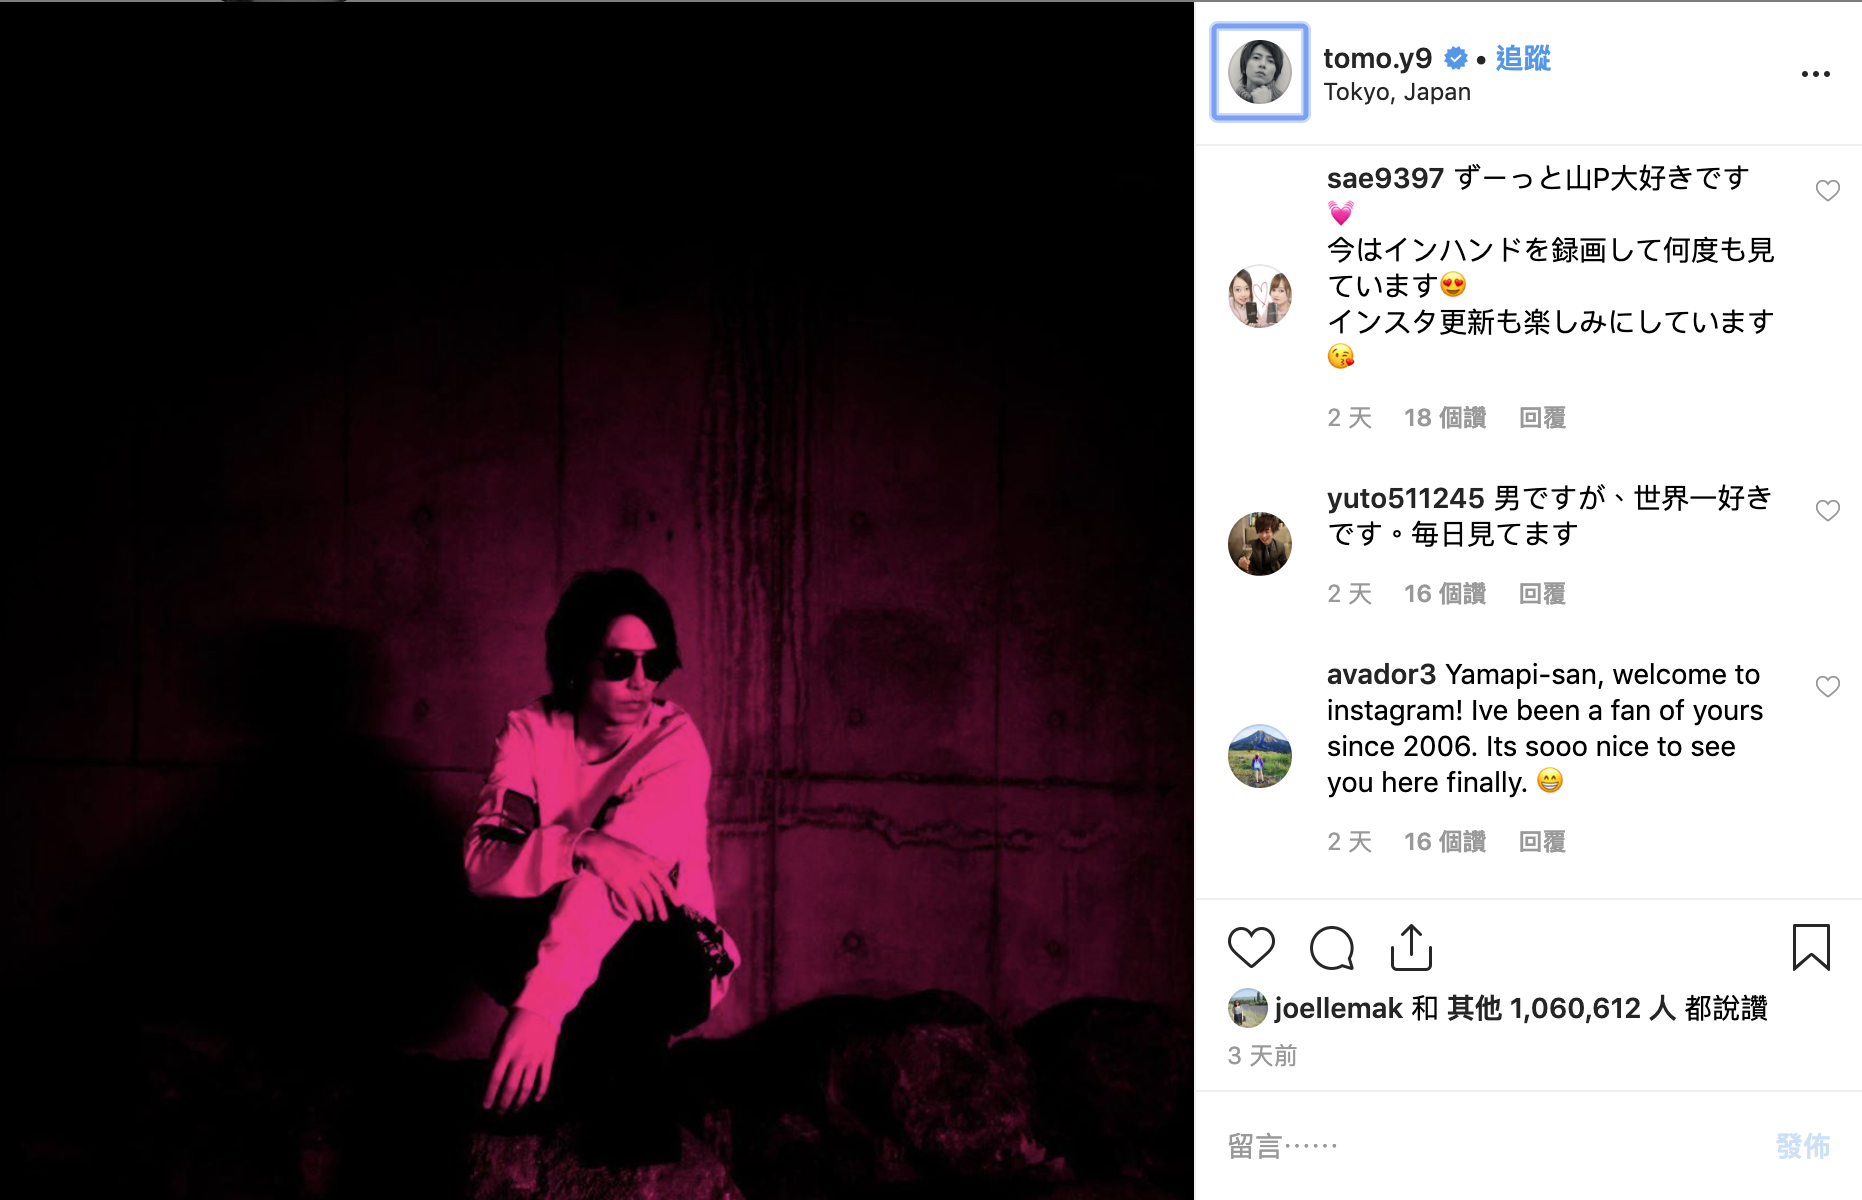 Instagram 山下 智久